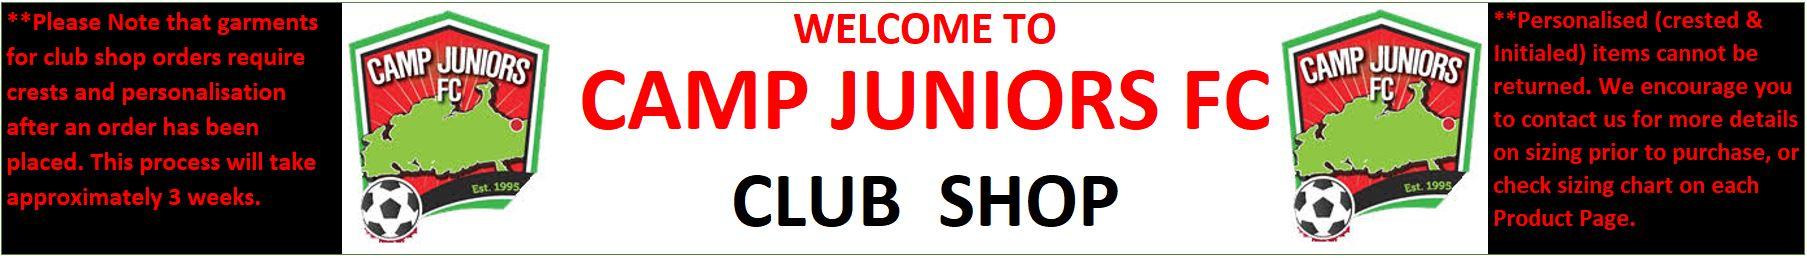 Camp Juniors FC